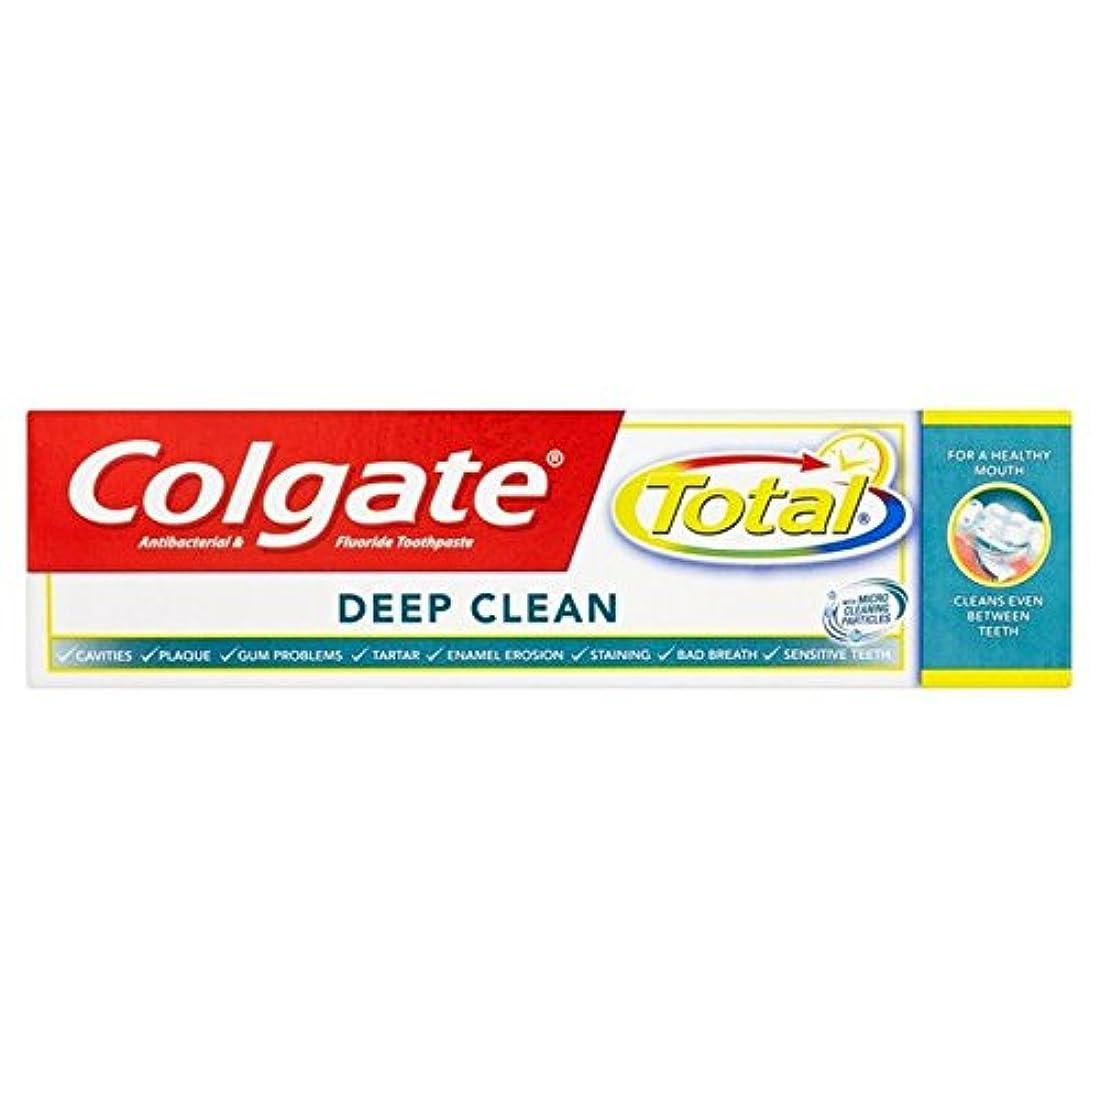 オペレーターまっすぐ子犬Colgate Total Deep Clean Toothpaste 75ml (Pack of 6) - コルゲートトータル深いクリーン歯磨き粉75ミリリットル x6 [並行輸入品]